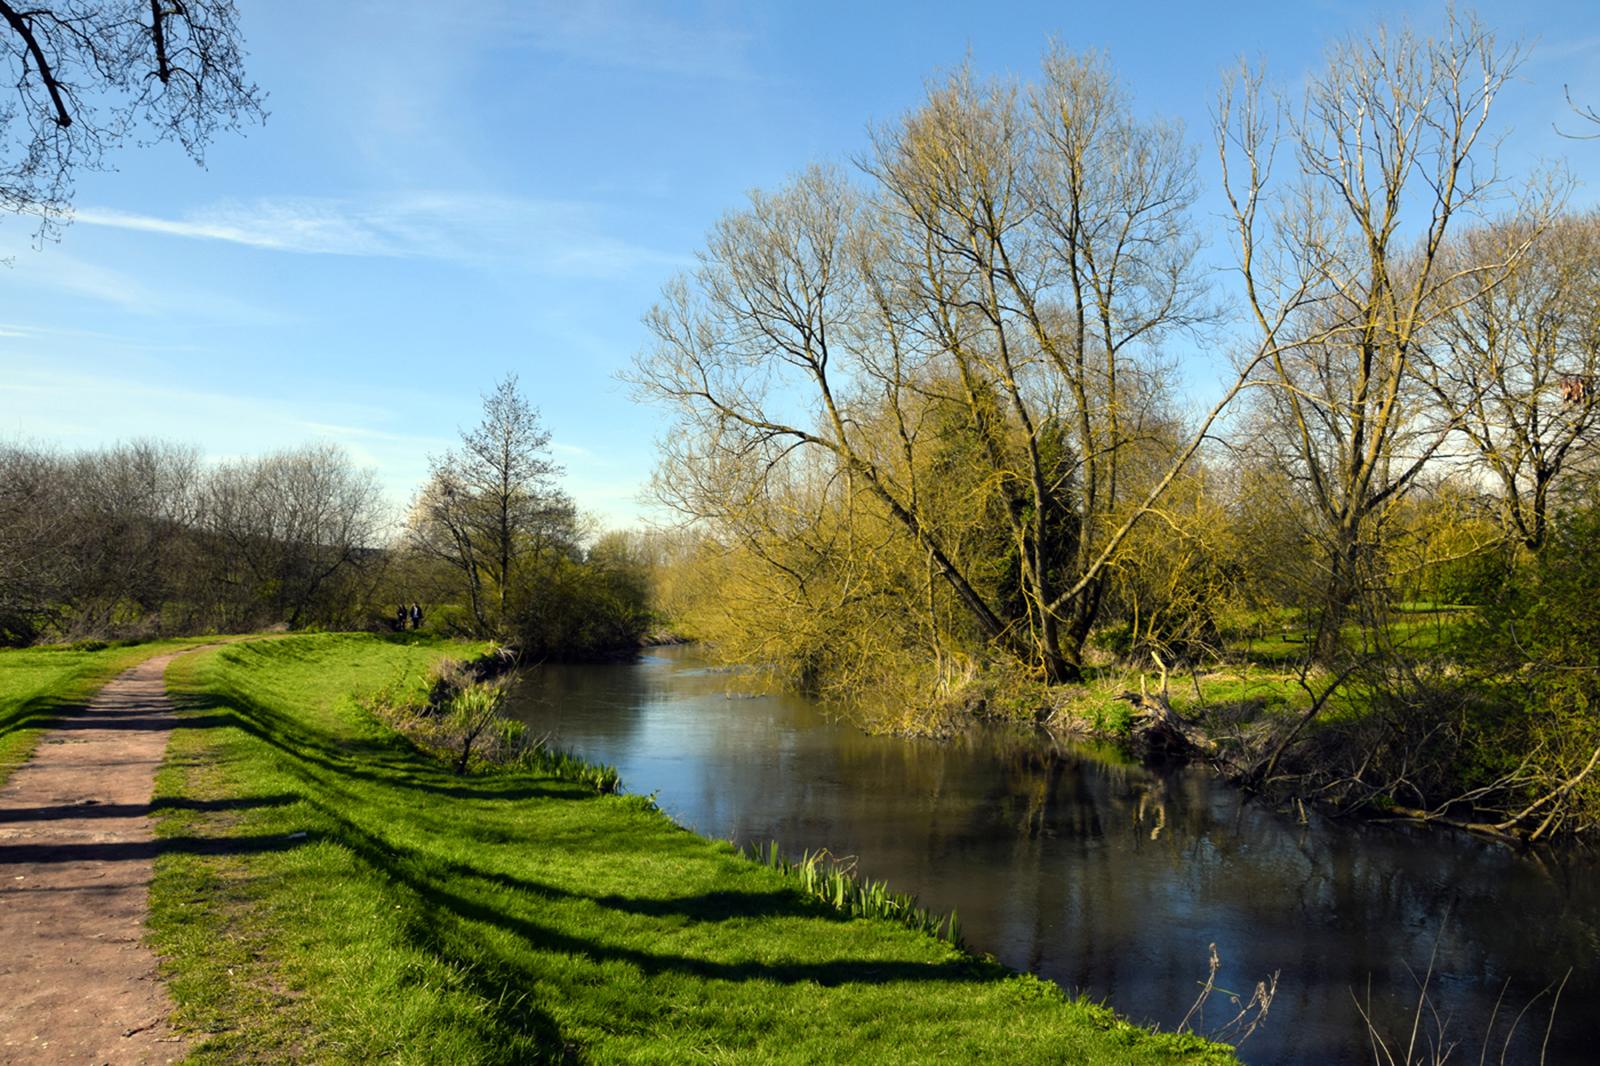 'River Avon' by Louise Topp